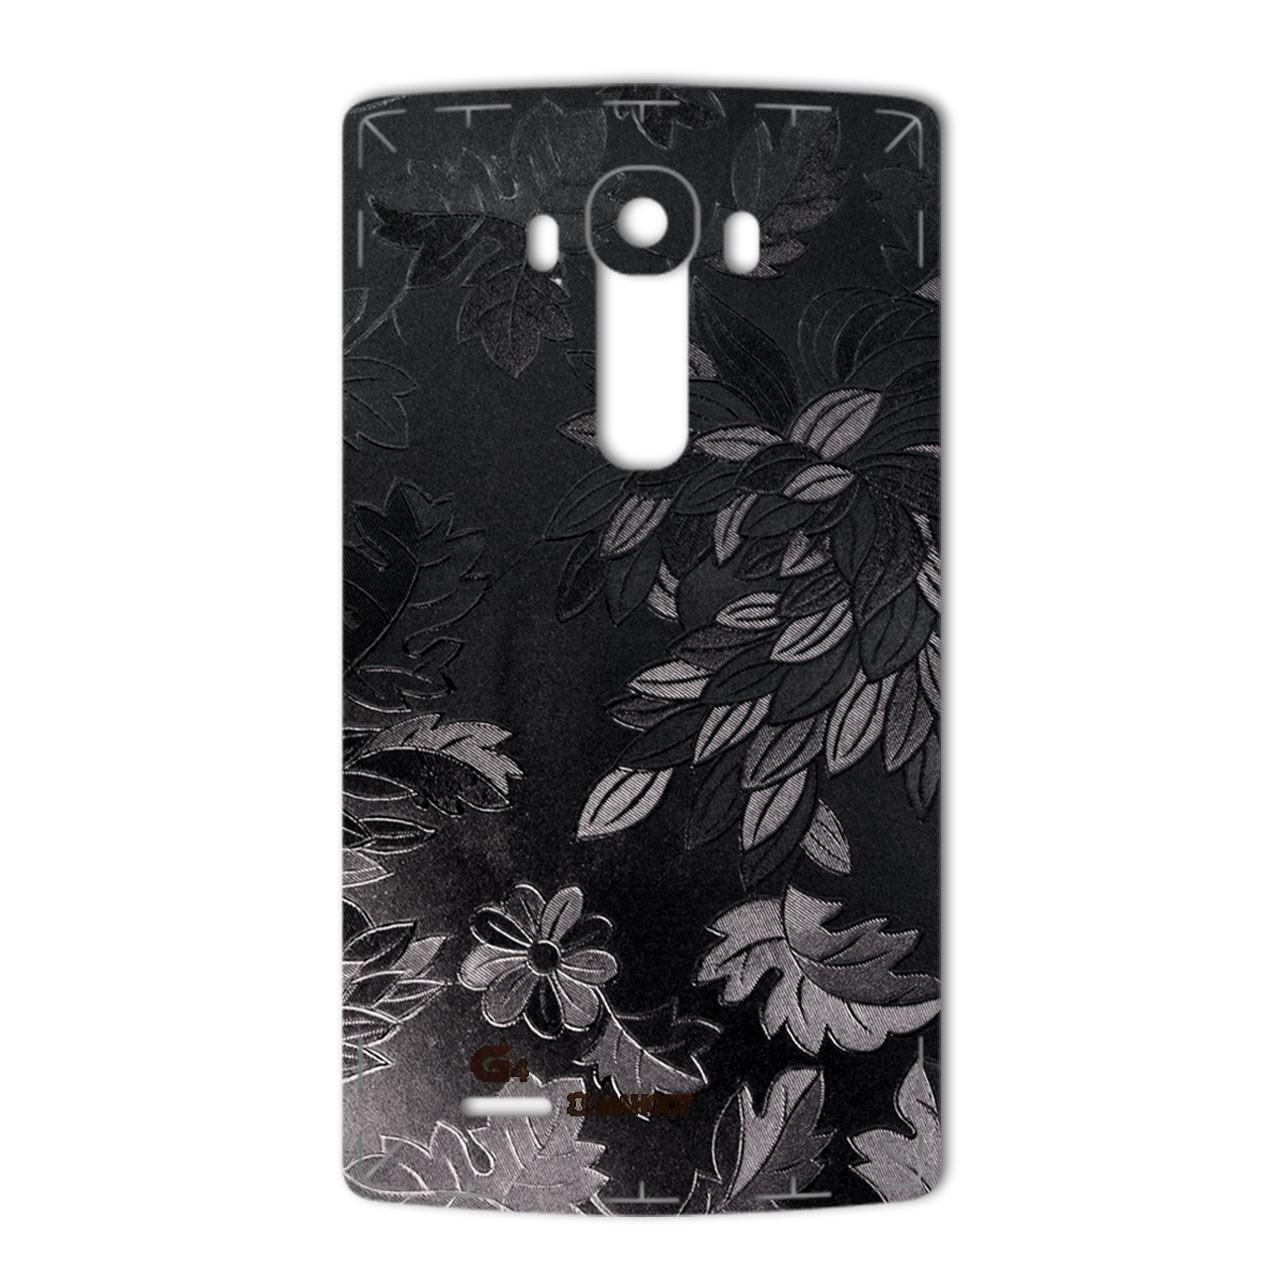 برچسب پوششی ماهوت مدل Wild-flower Texture مناسب برای گوشی  LG G4